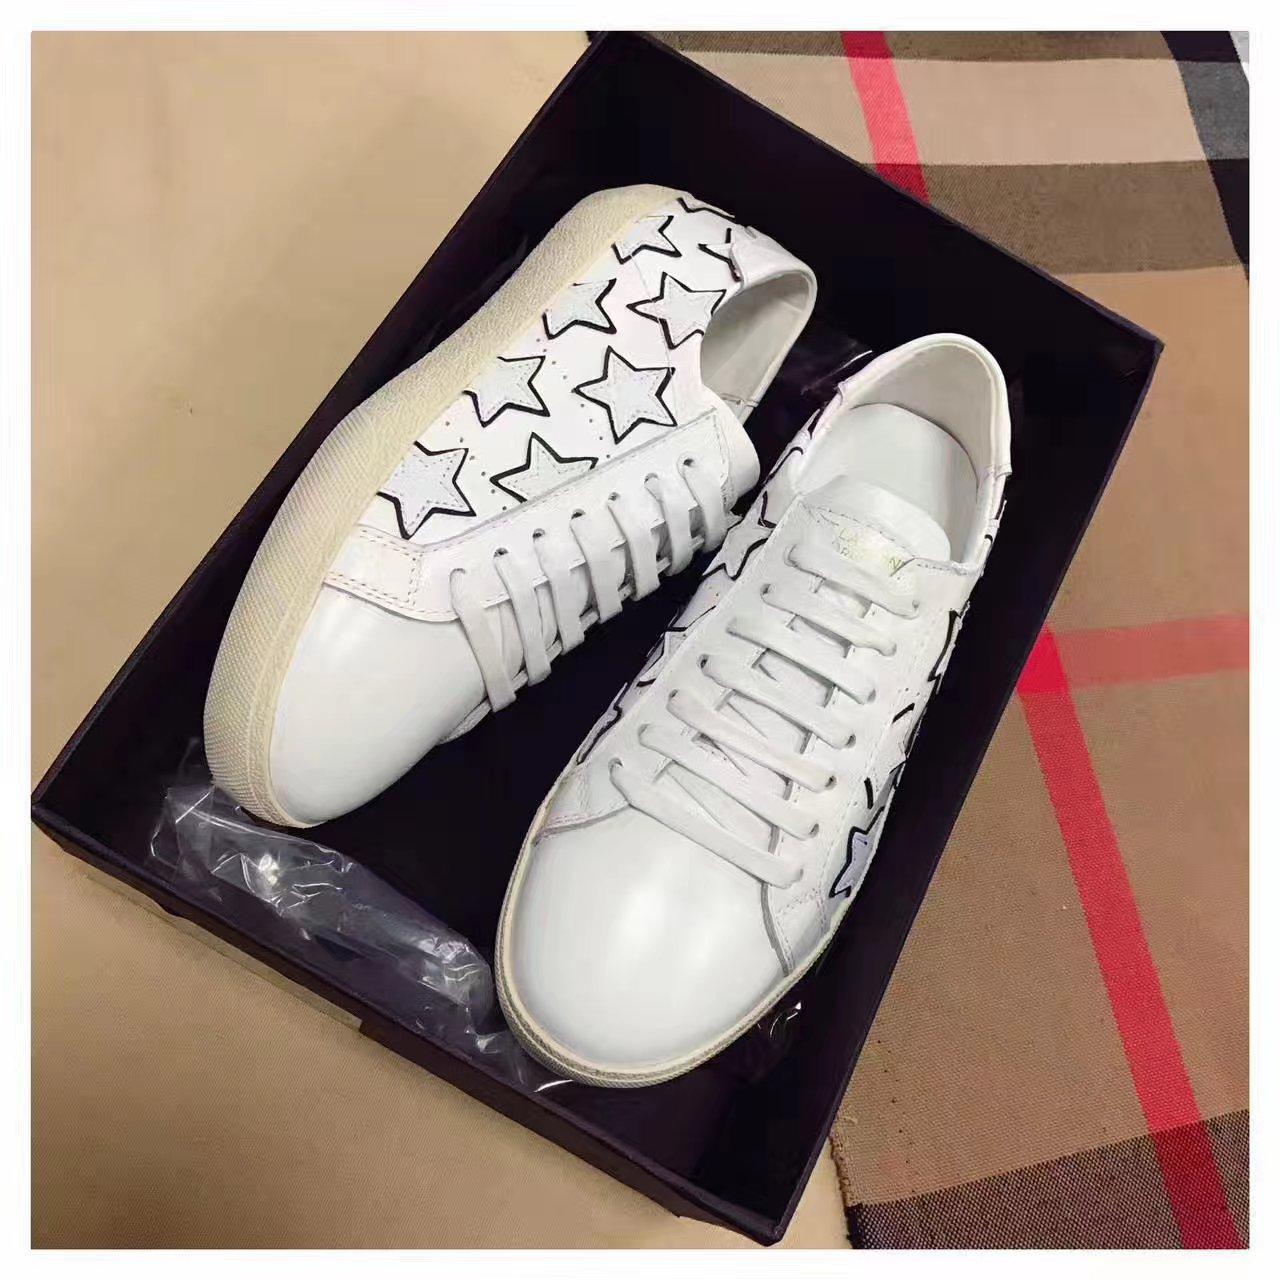 SAINT LAURENT星星小白鞋 专柜同步发售圣罗兰平底休闲鞋